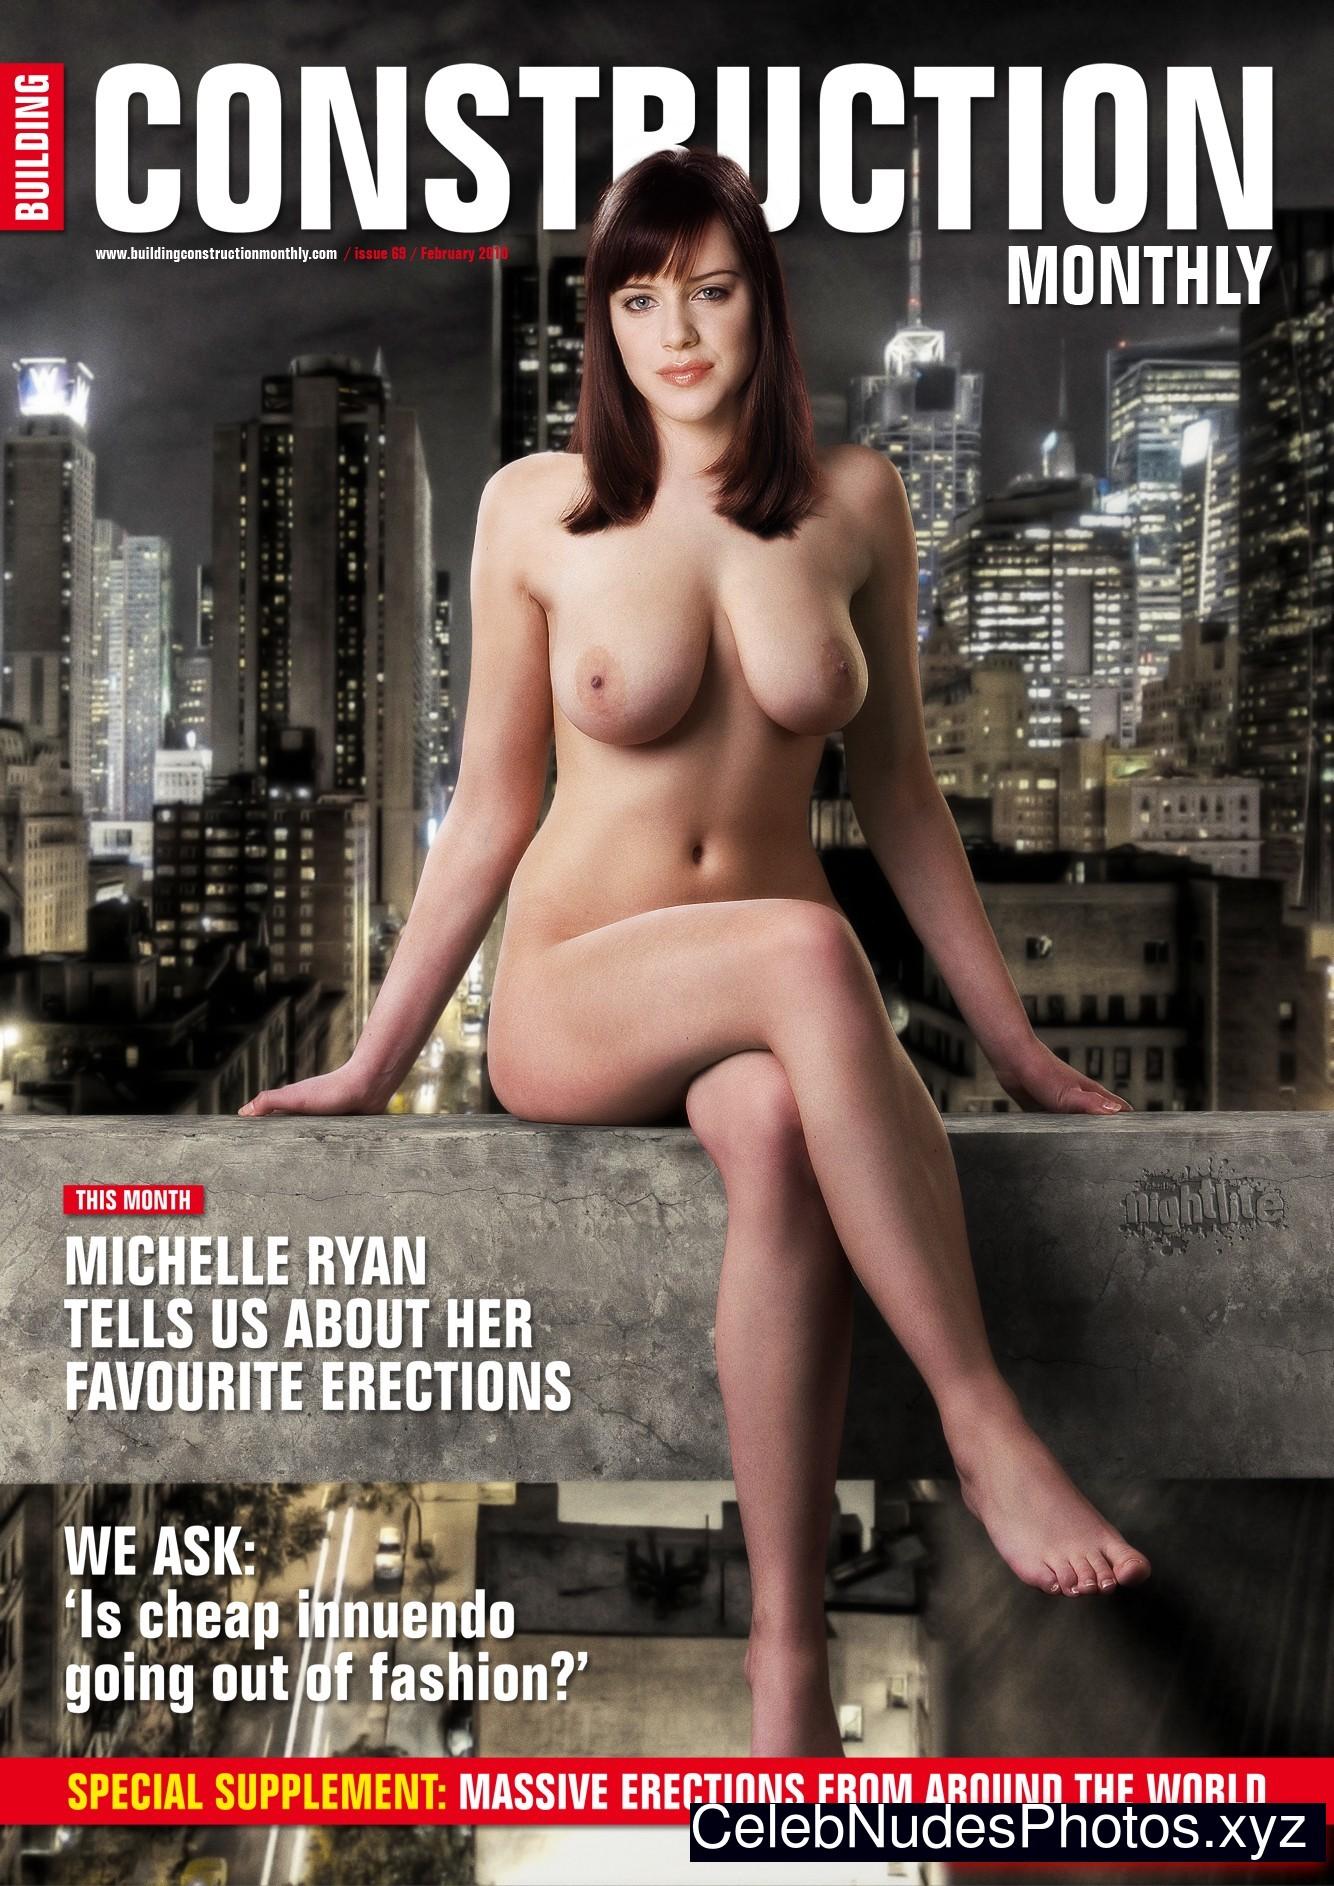 michelle ryan naked